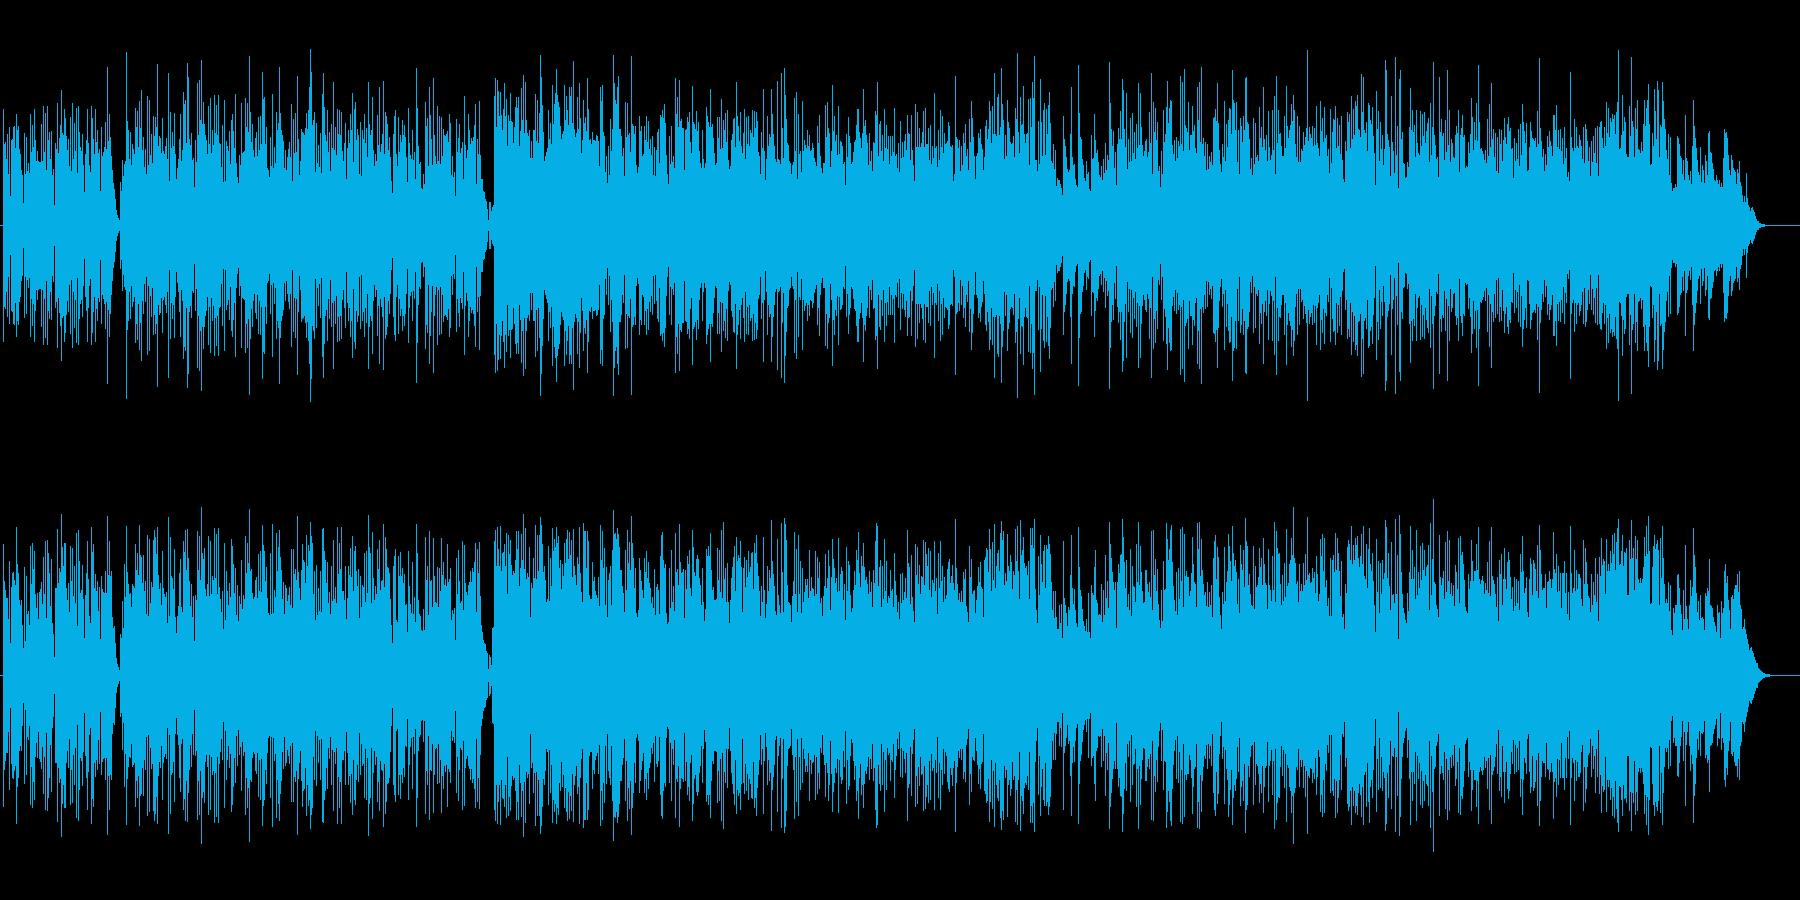 ボサノバ調のアコースティック・ギターの再生済みの波形